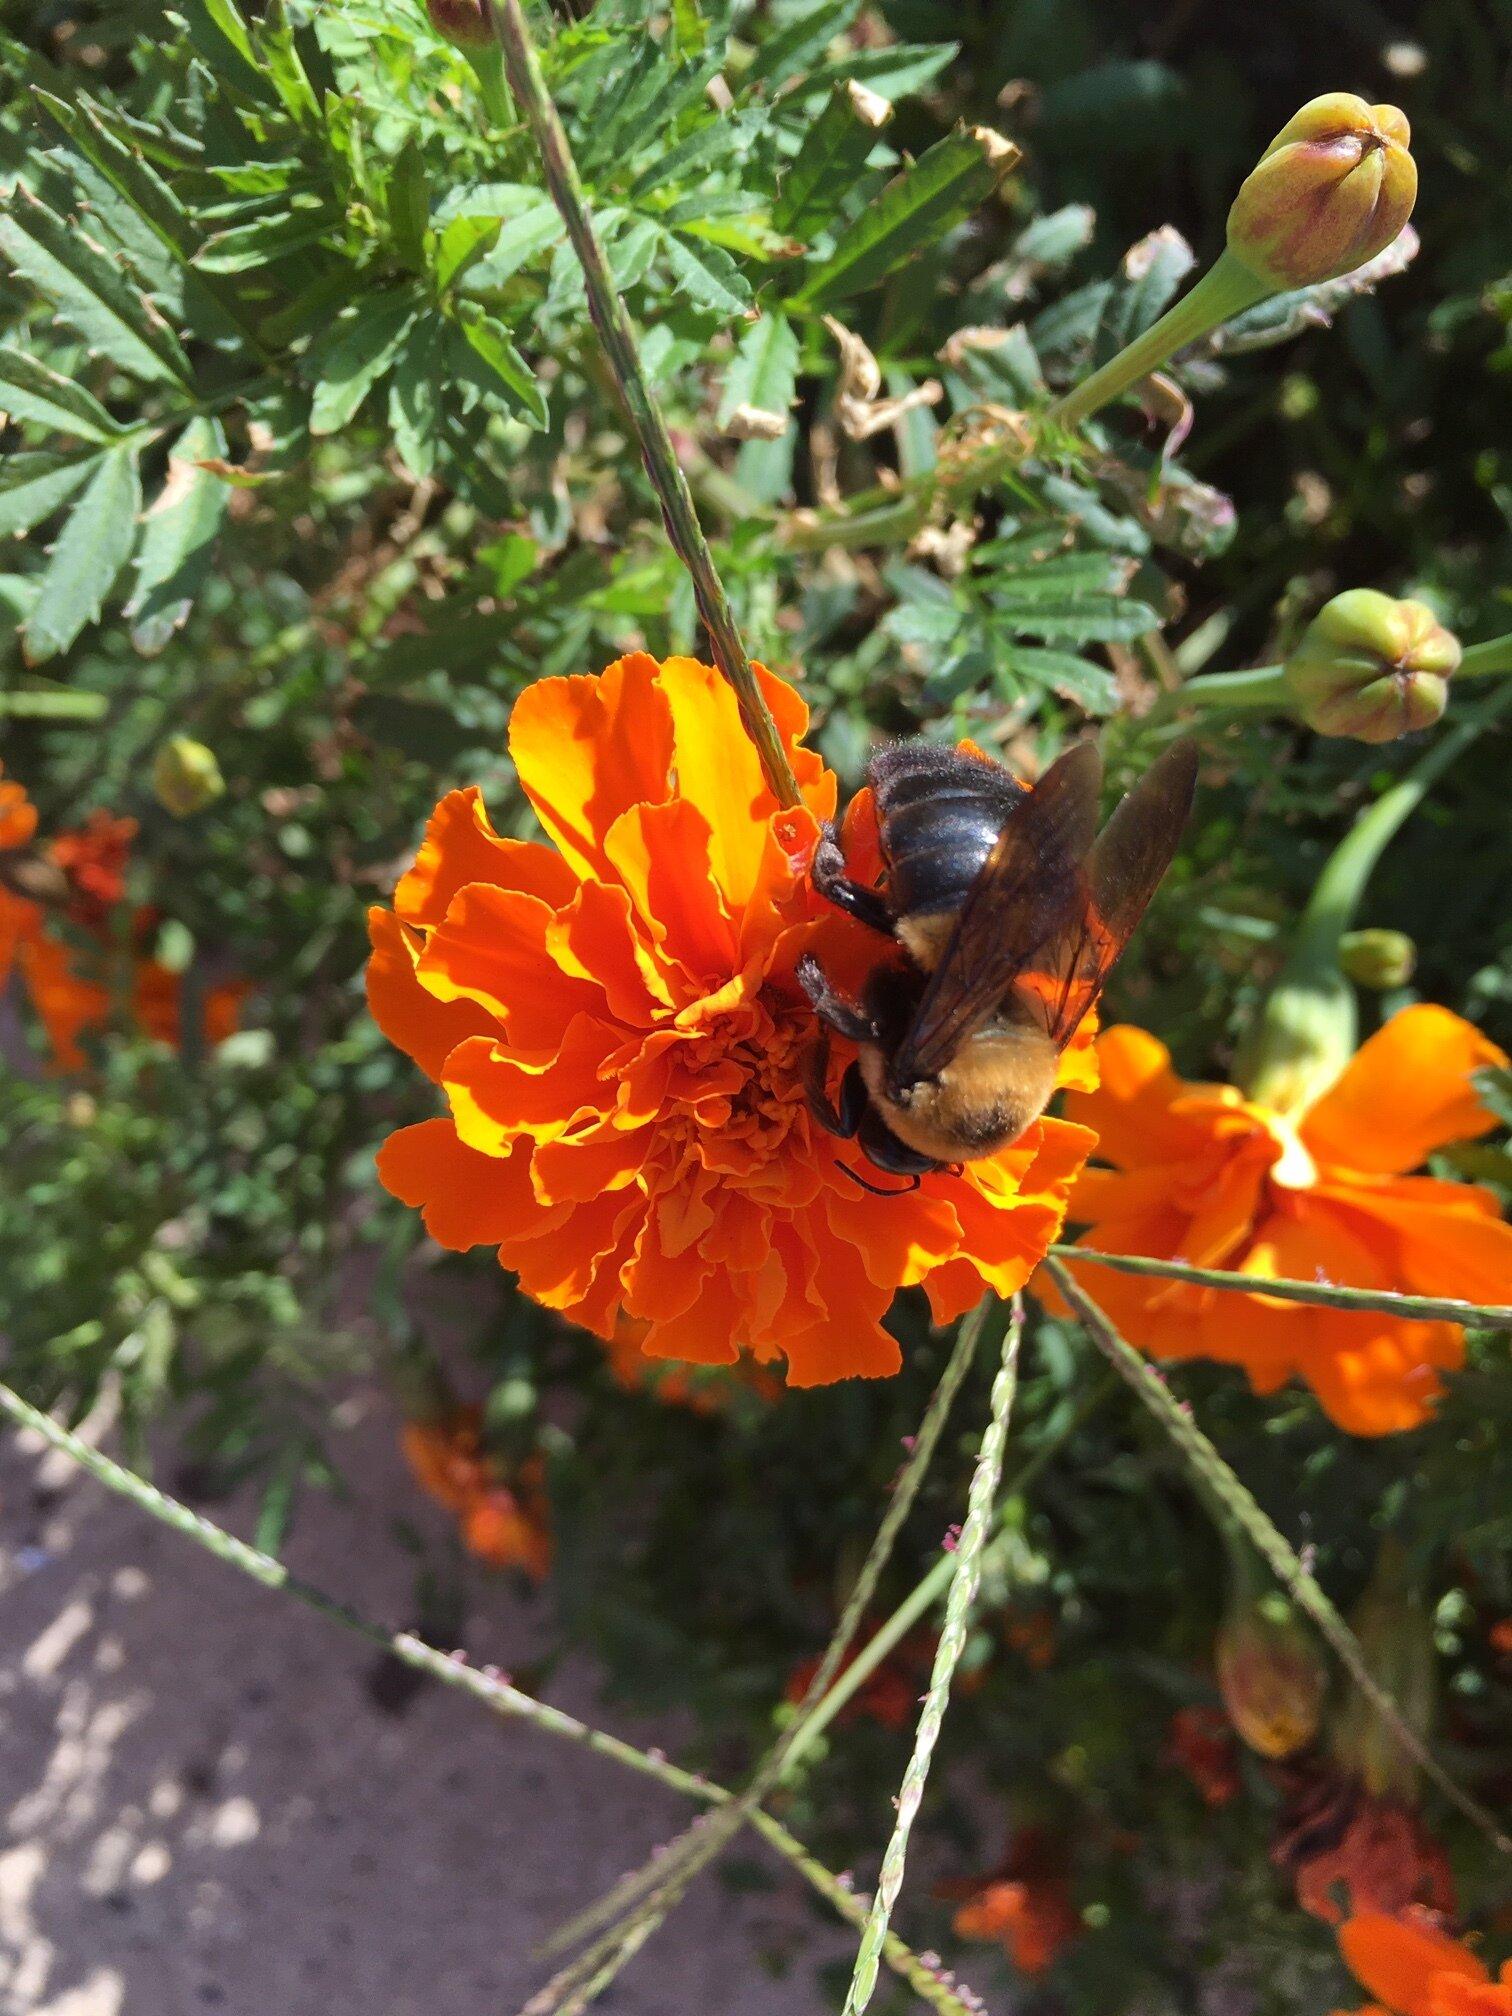 So many bees.